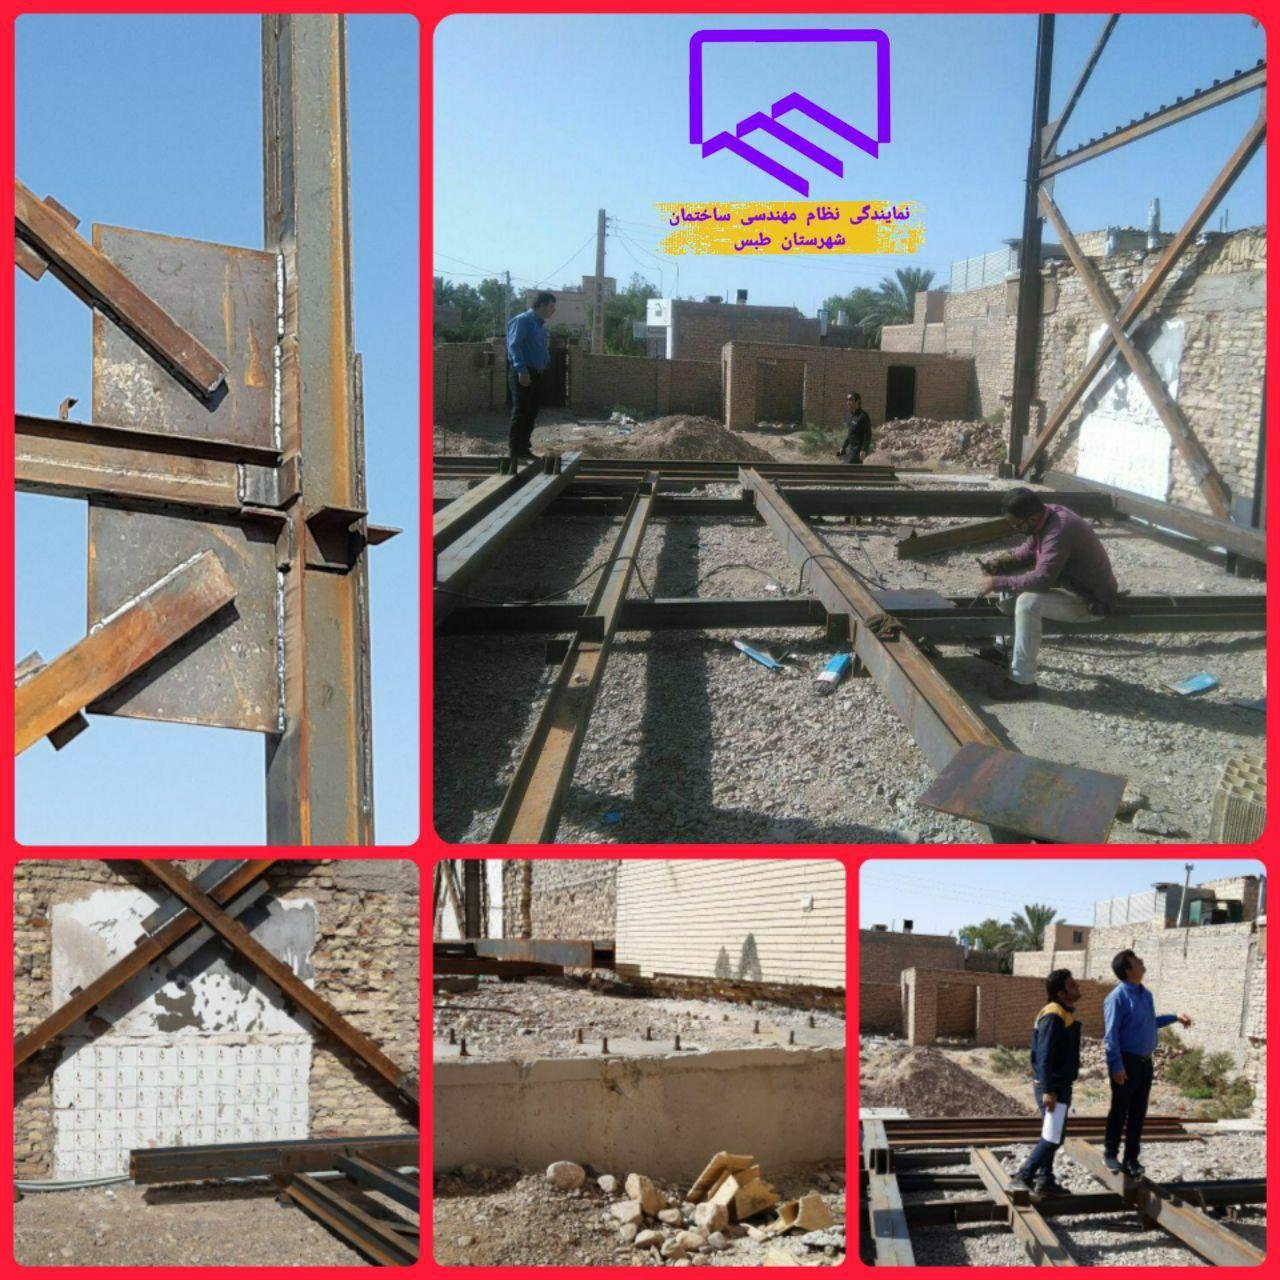 بازدید کمیته نظارت مضاعف نمایندگی از ساخت و ساز شهری با سازه اسکلت فلز در روز پنج شنبه مورخ ۹۹/۲/۱۸